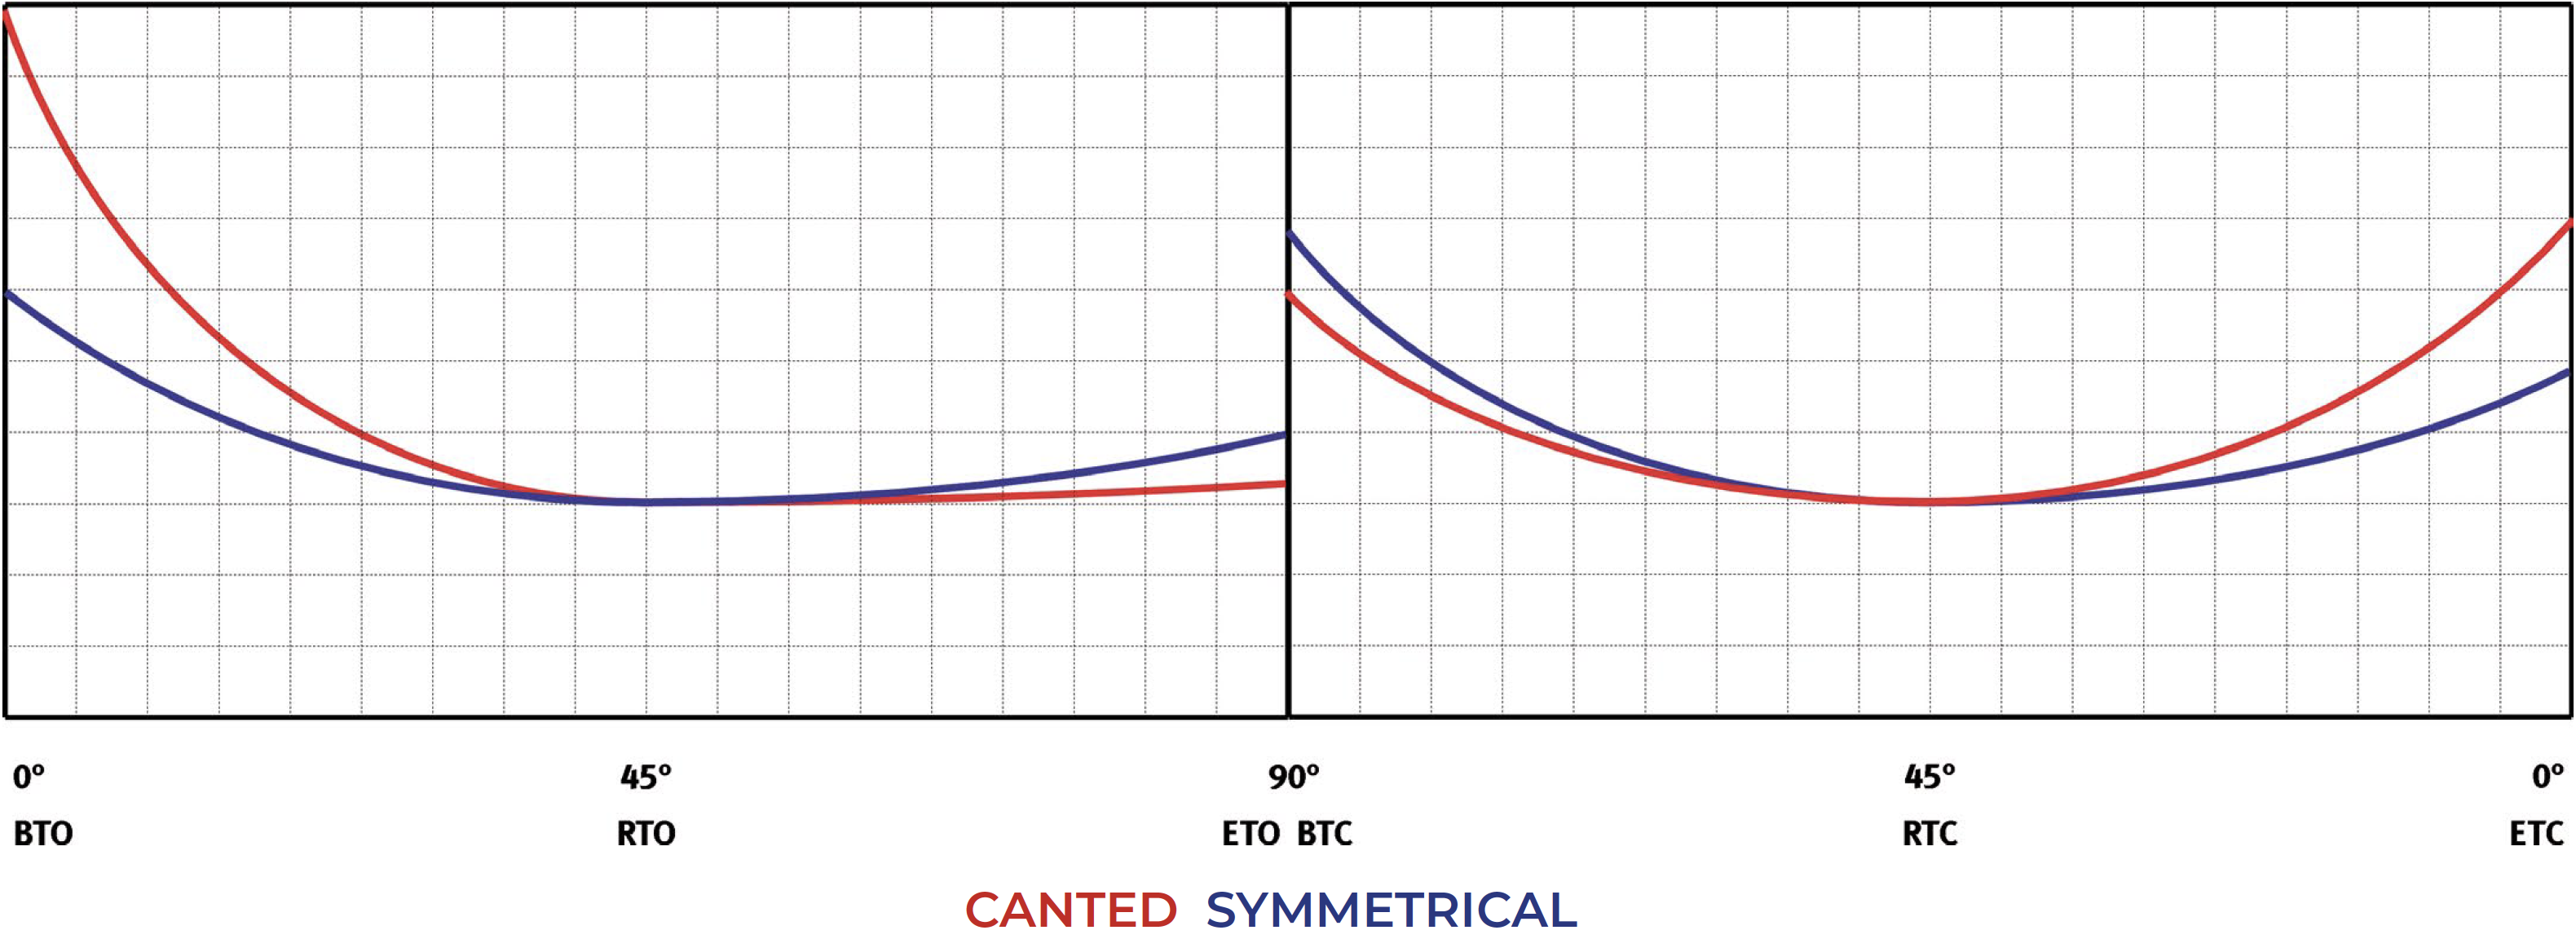 Einfachwirkender pneumatischer Stellantrieb GS Heavy Duty Carbonstahl - diagramme und anlaufmomente  - Einfachwirkend normal offen- Tabelle Anlaufmomente (Drehmomente)